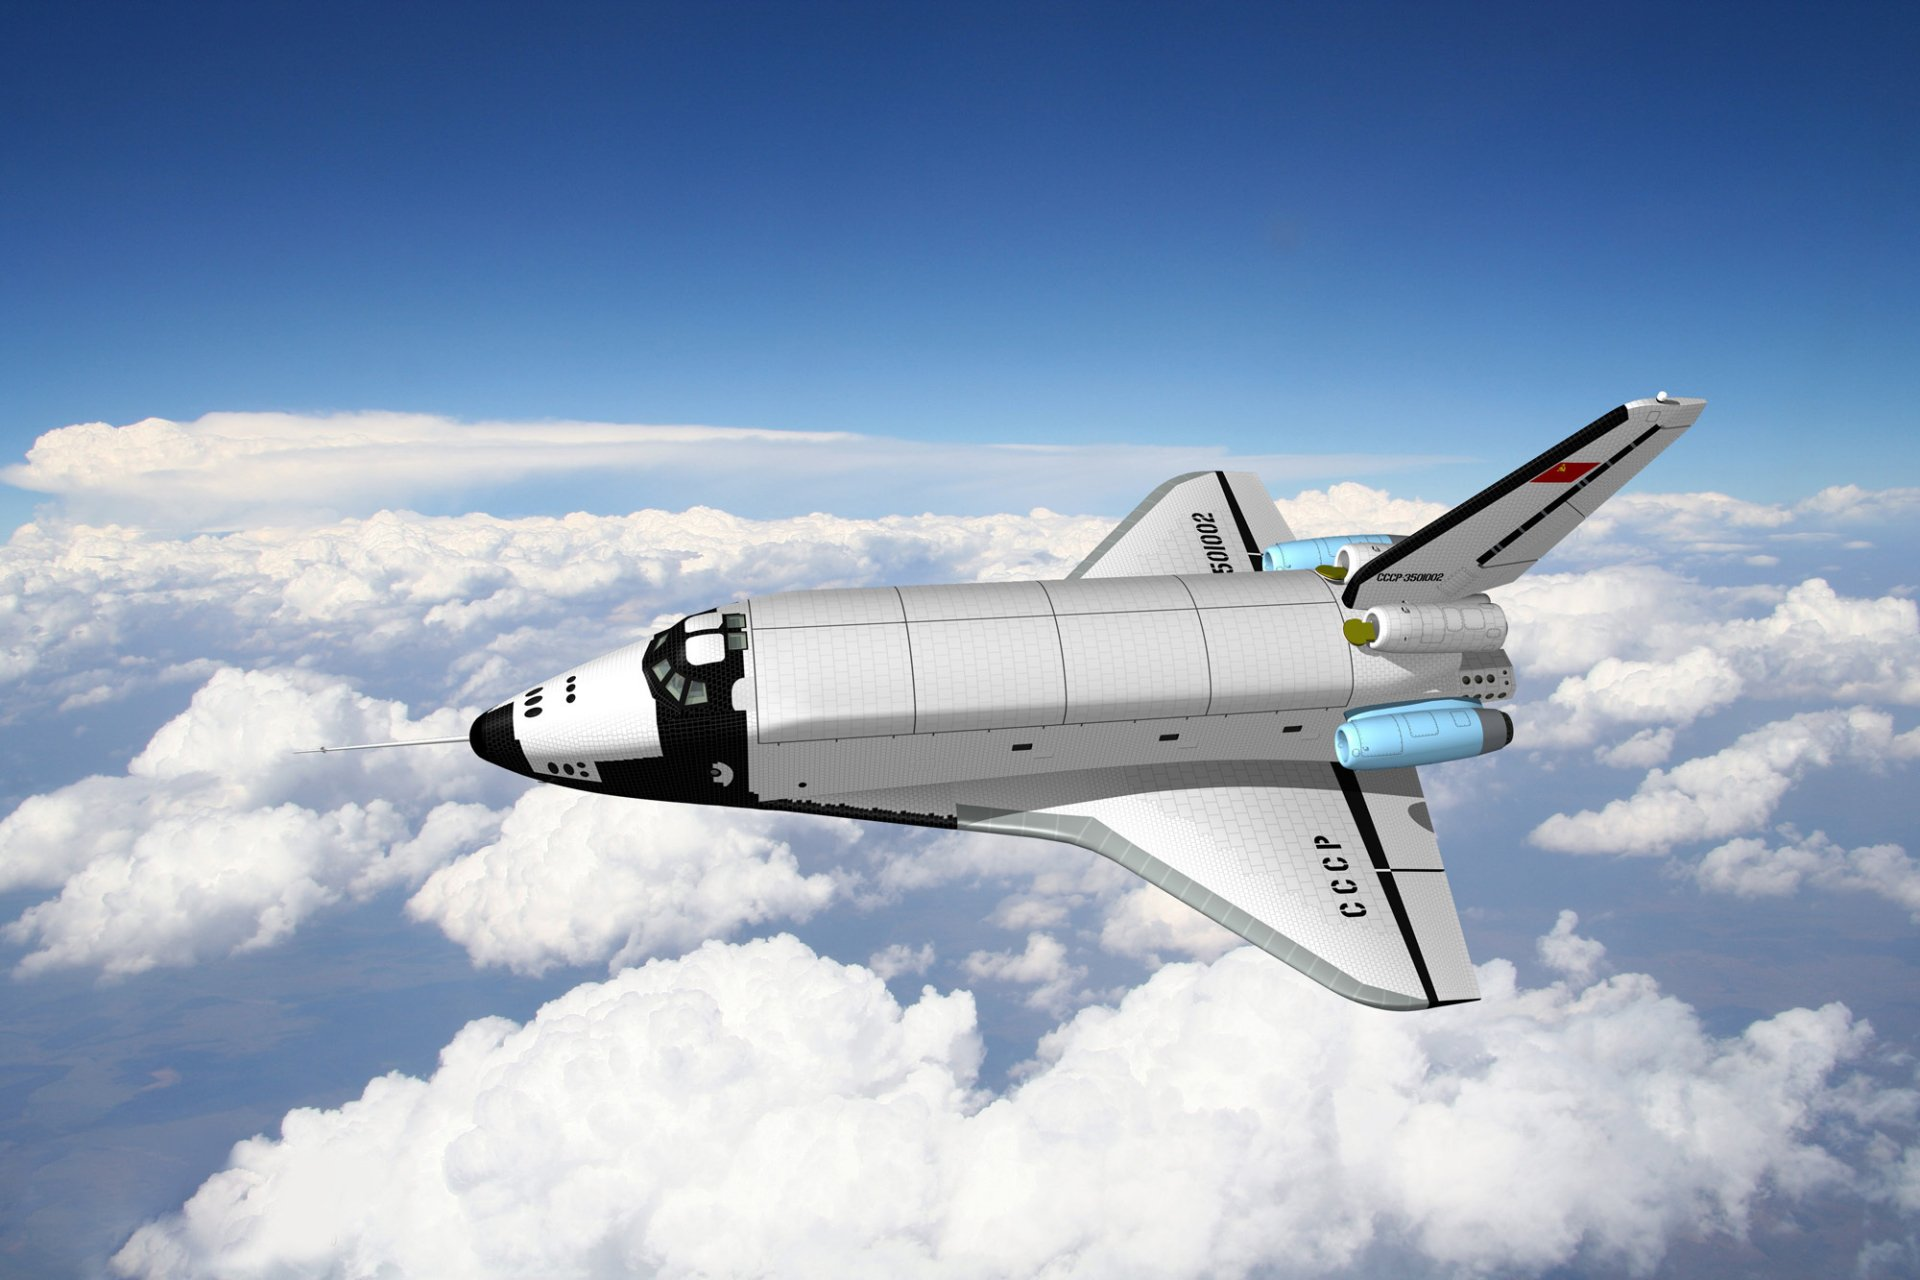 CGI - Aircraft  Wallpaper